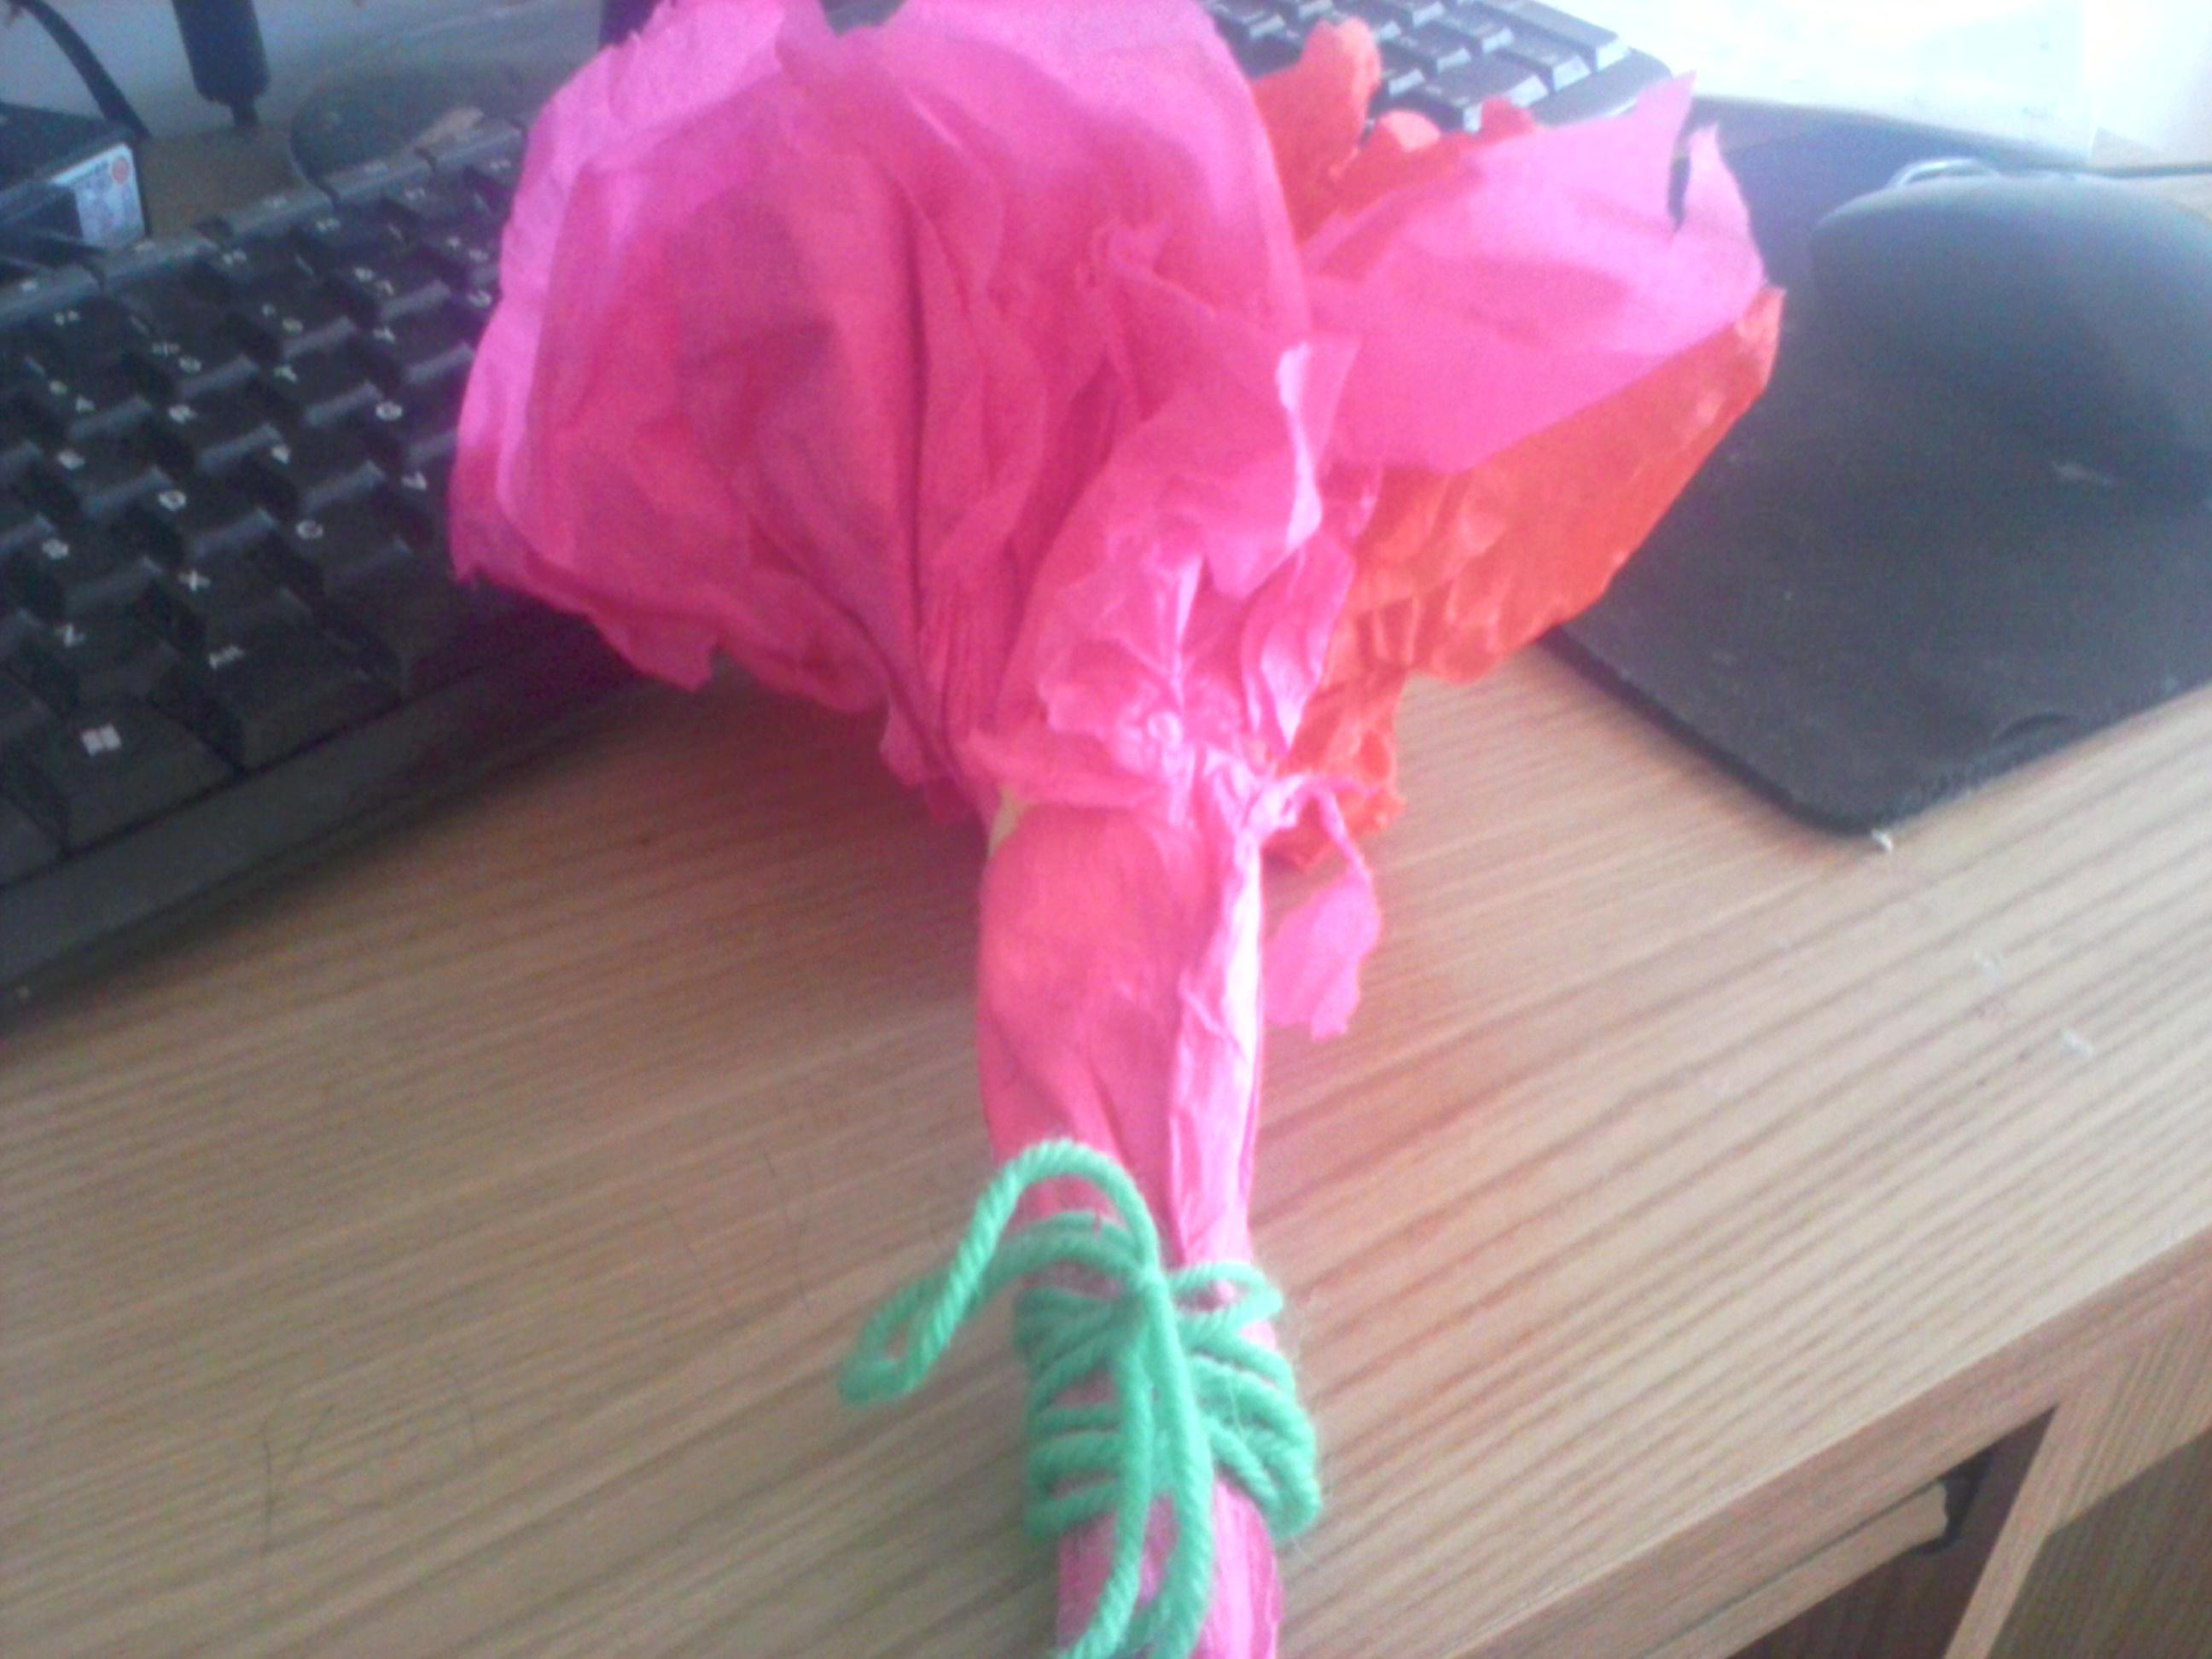 【凌霜寒木】袜子小兔娃娃,有兴趣来看看.